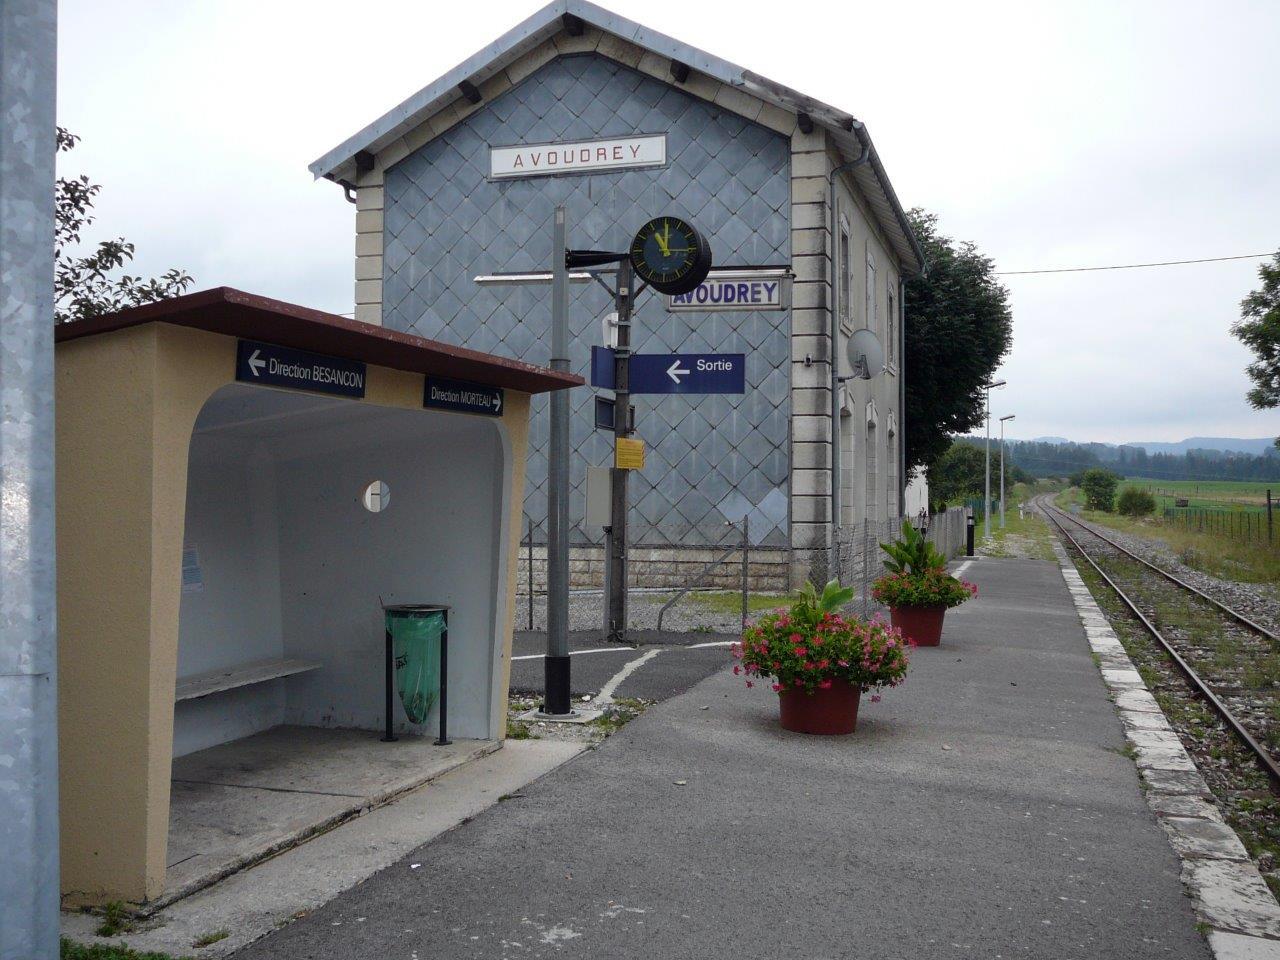 gare-d-avoudrey-train-station